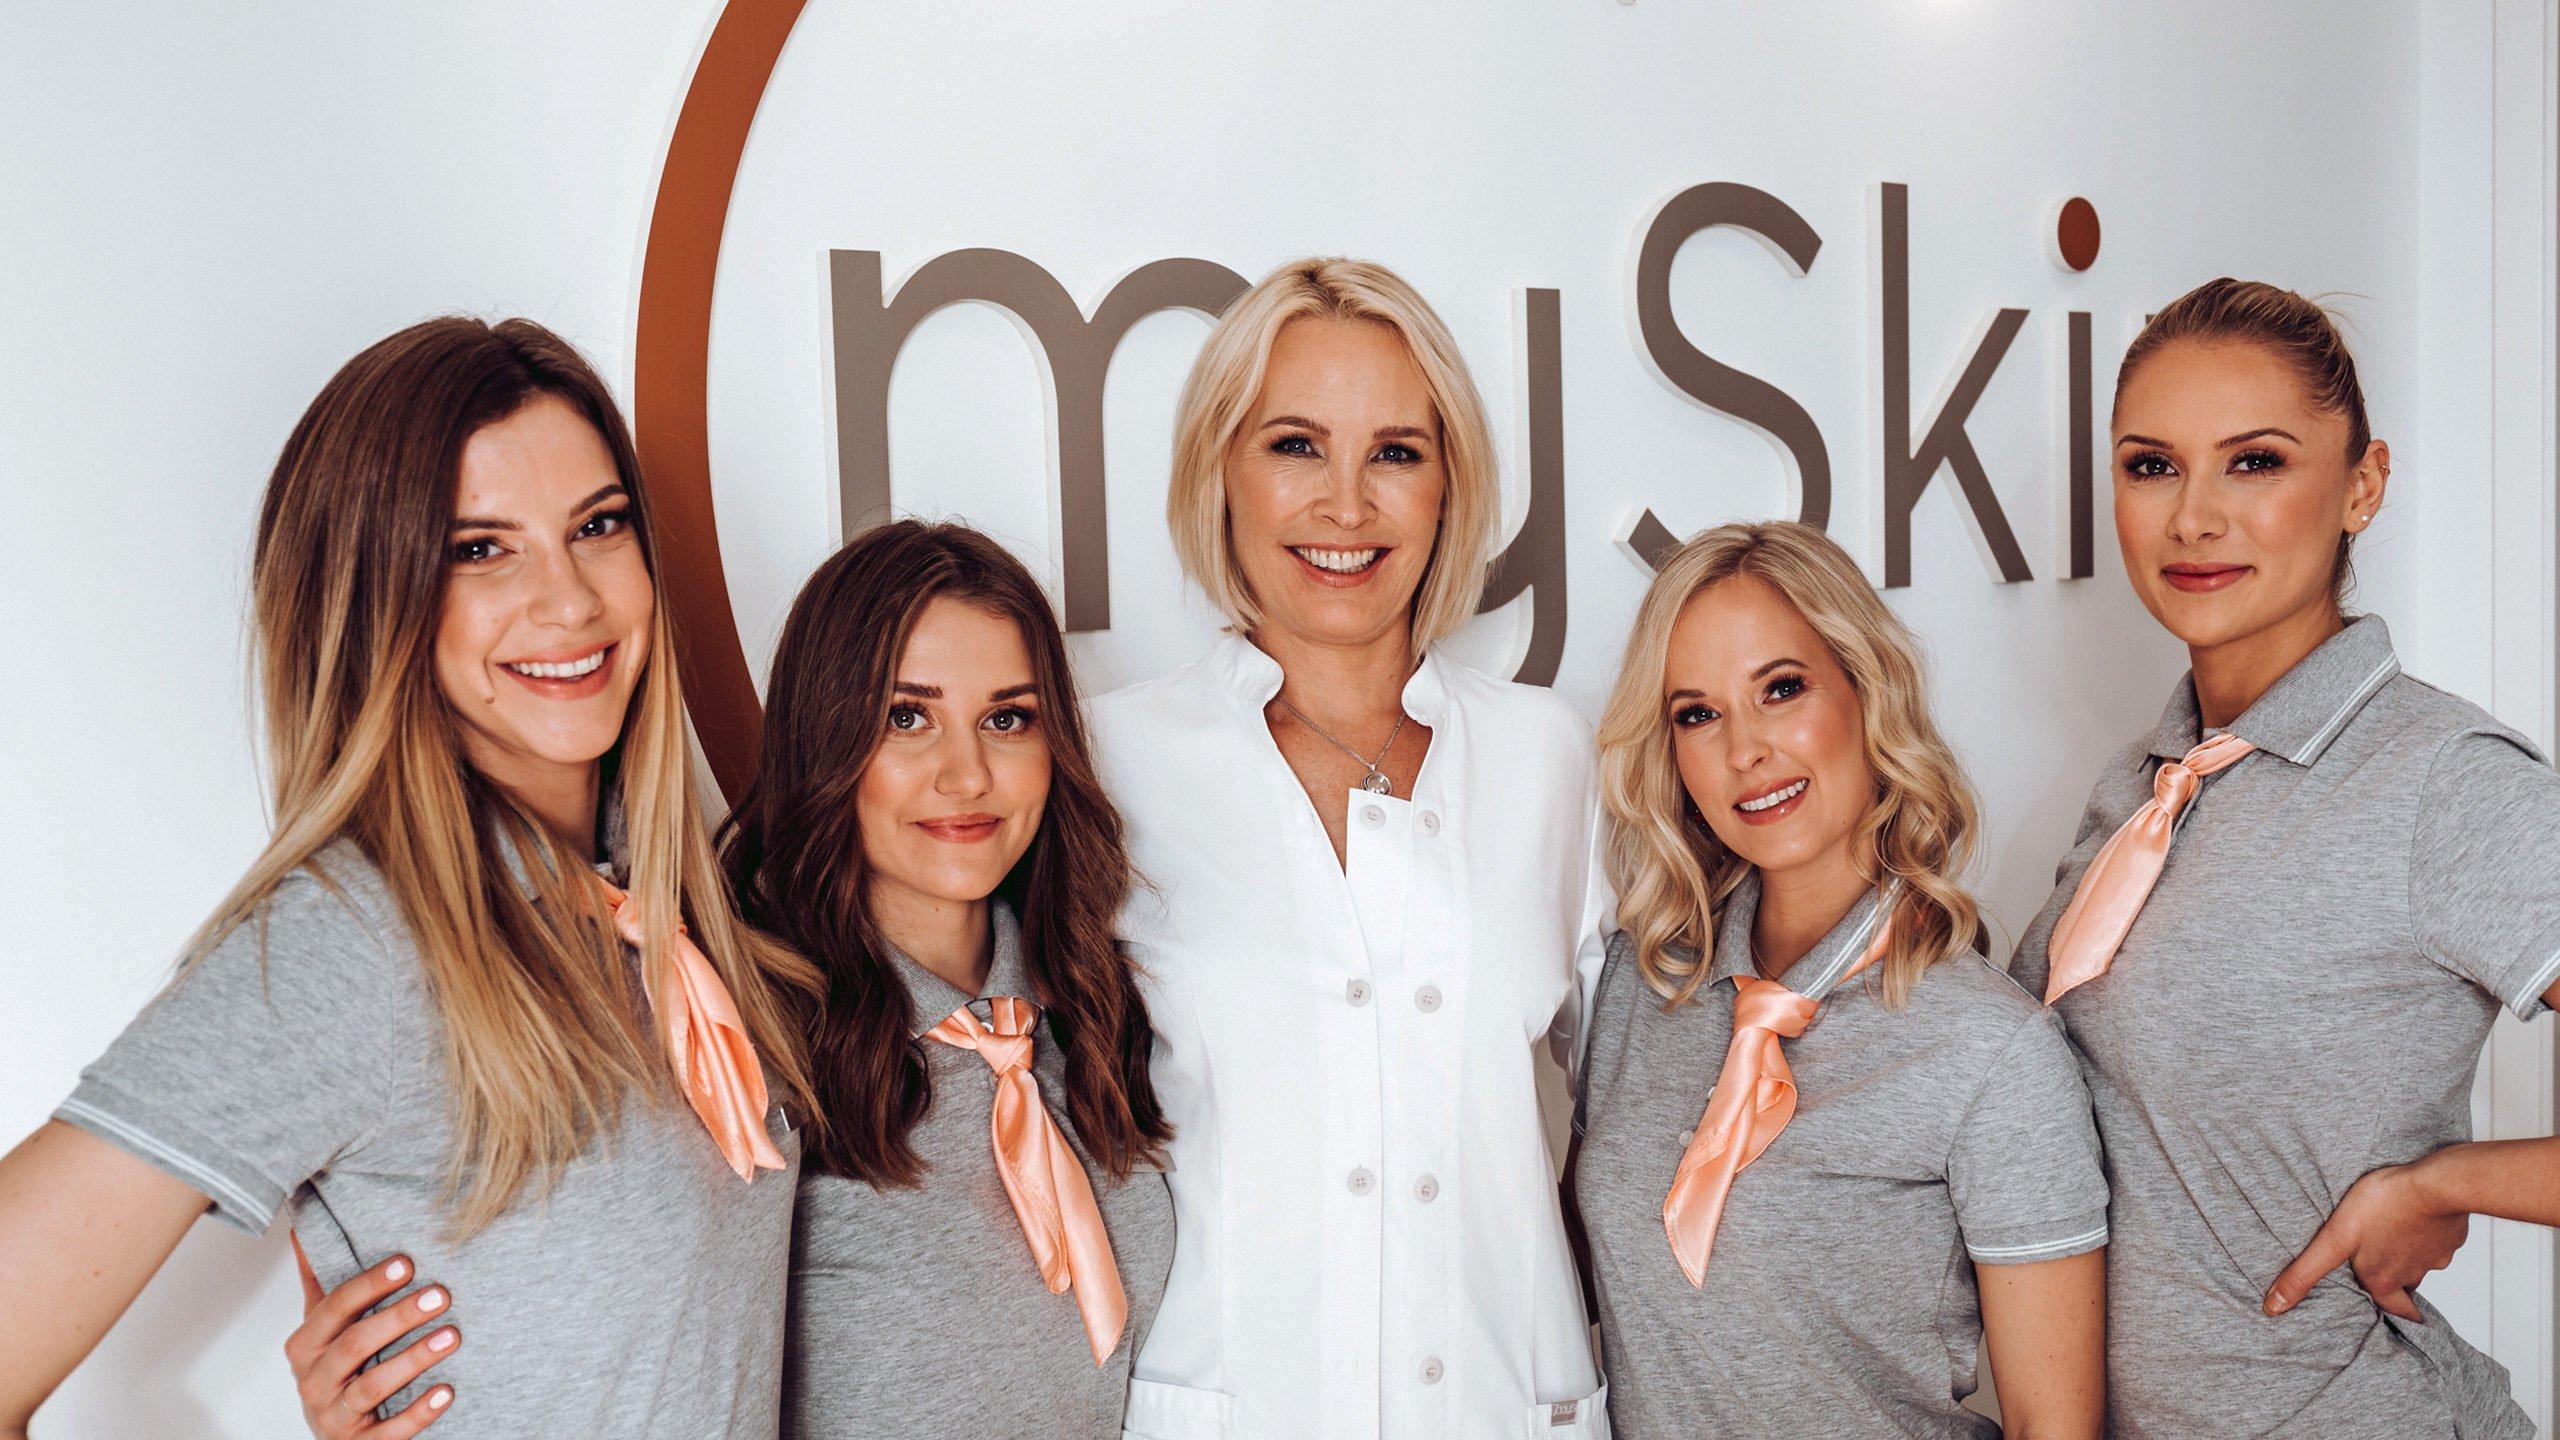 Team Hautarztpraxis mySkin Mallorca